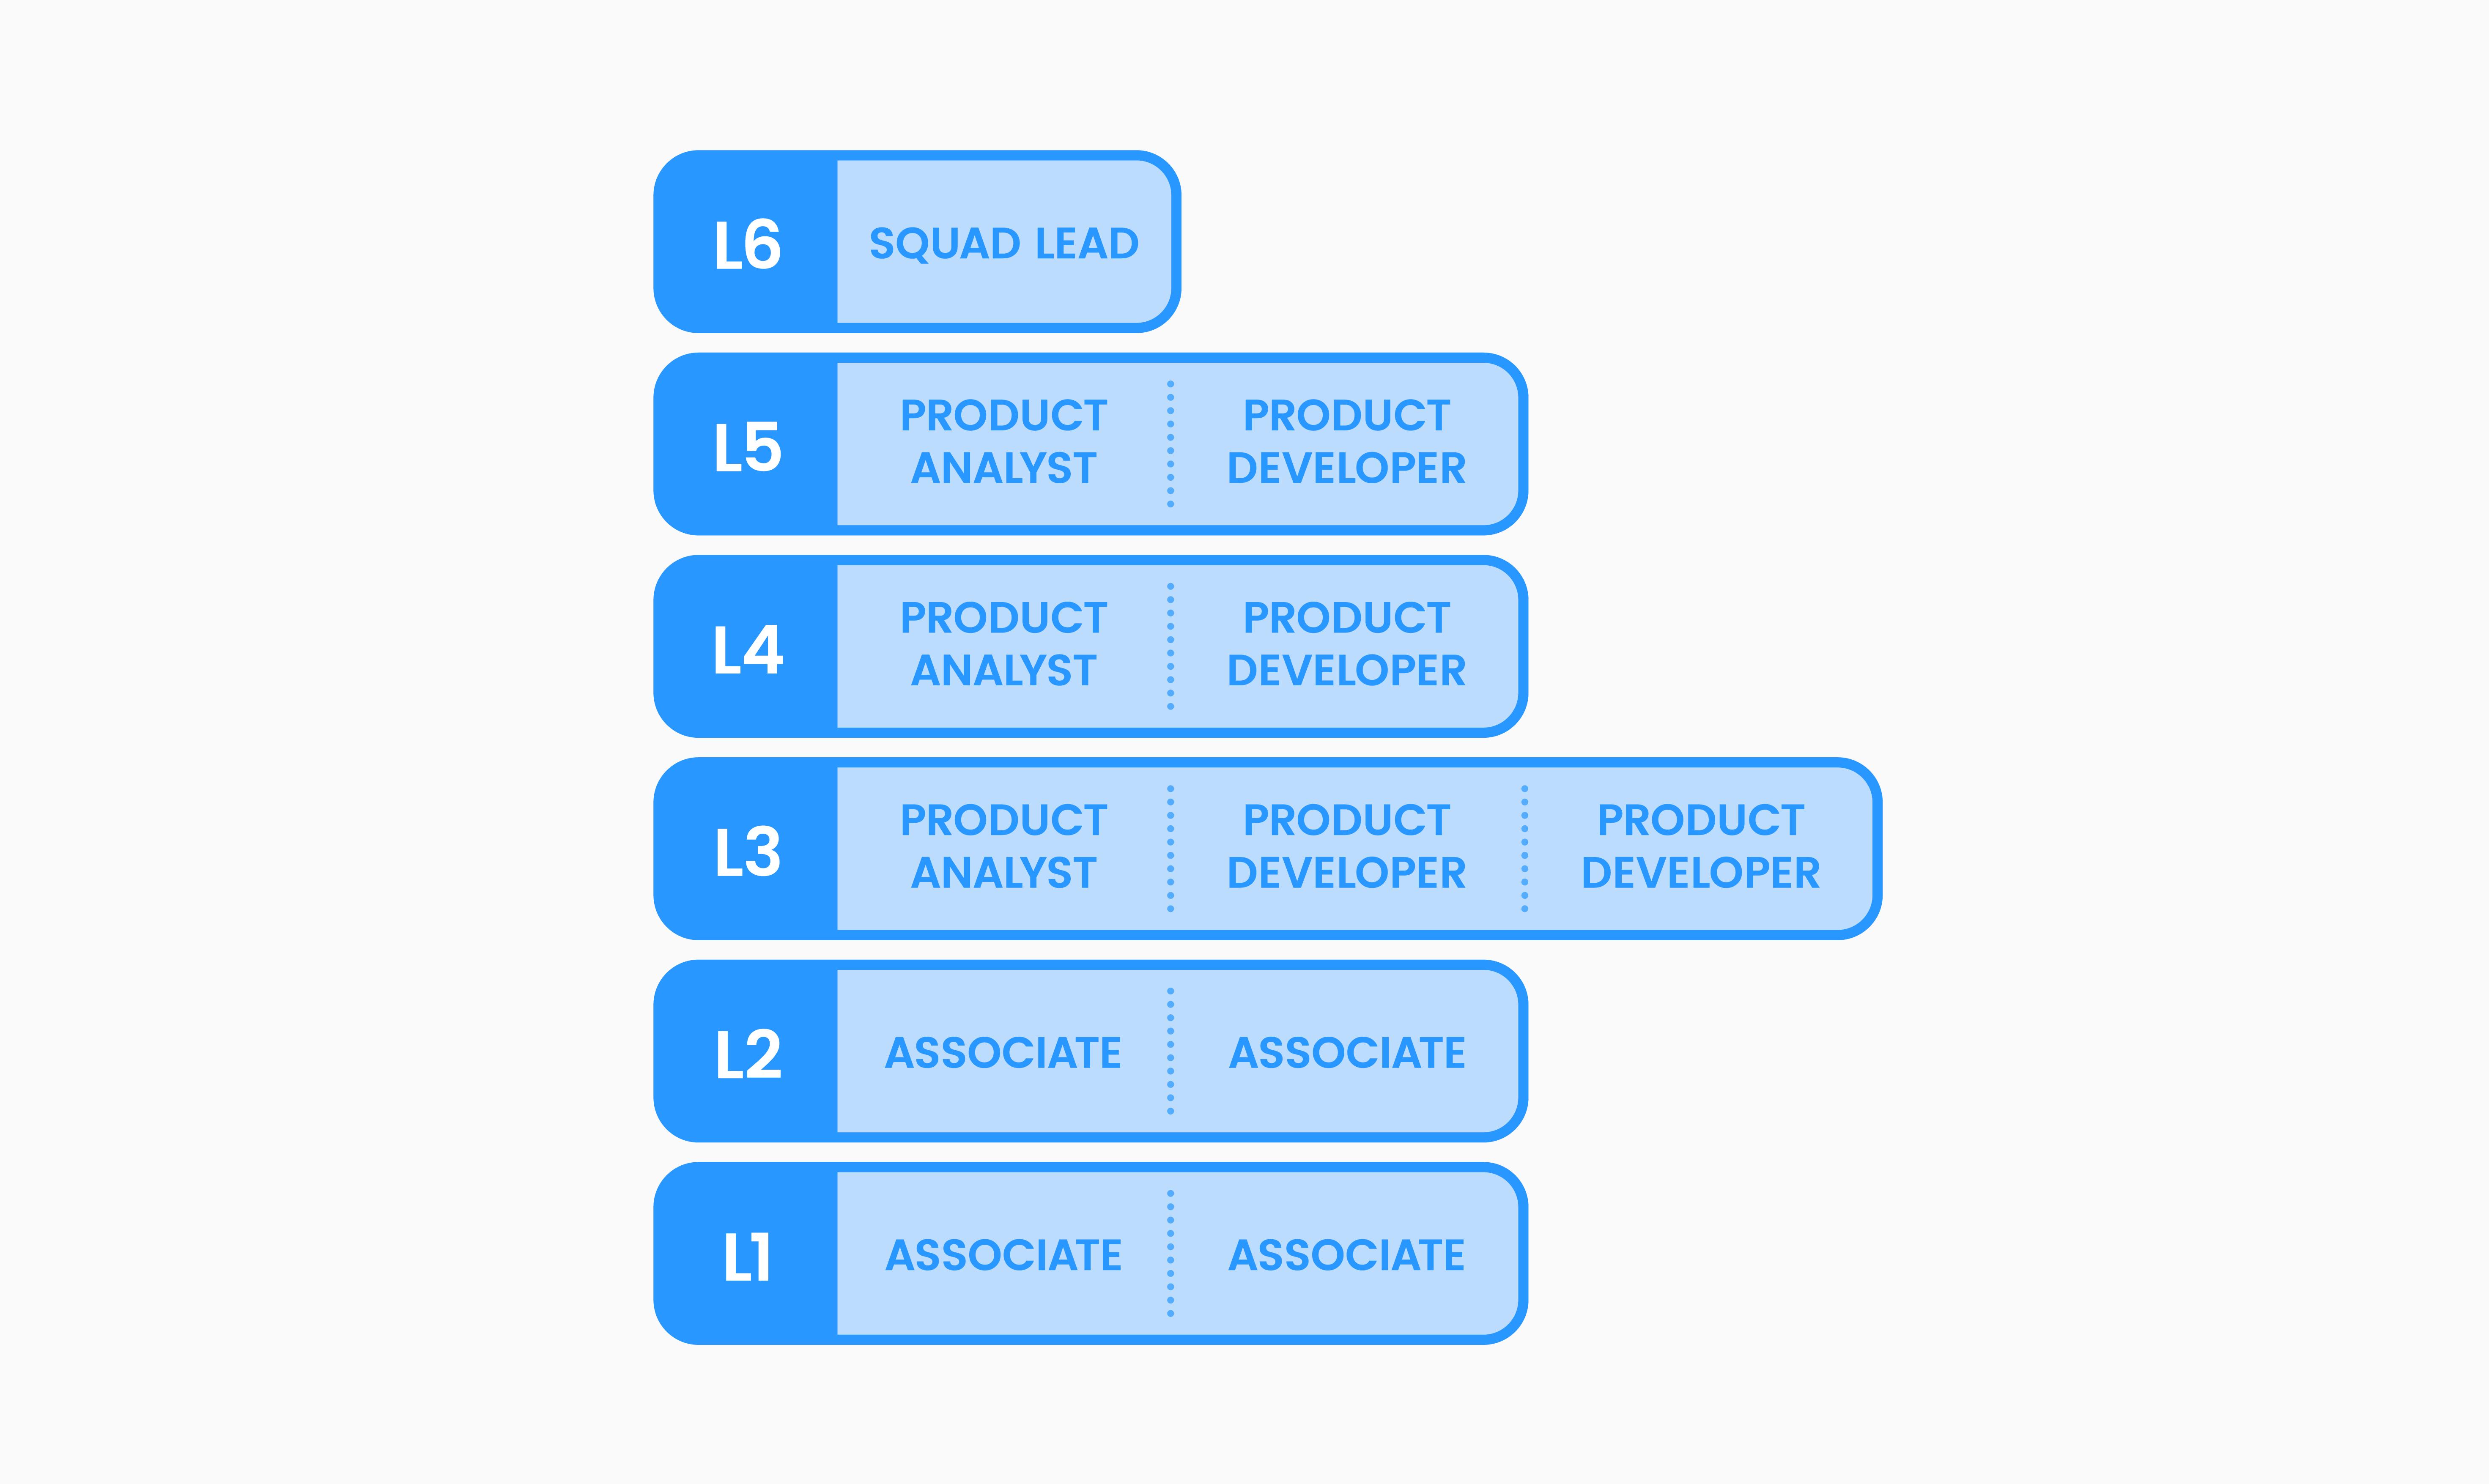 Company structure diagram_Squads-04-3